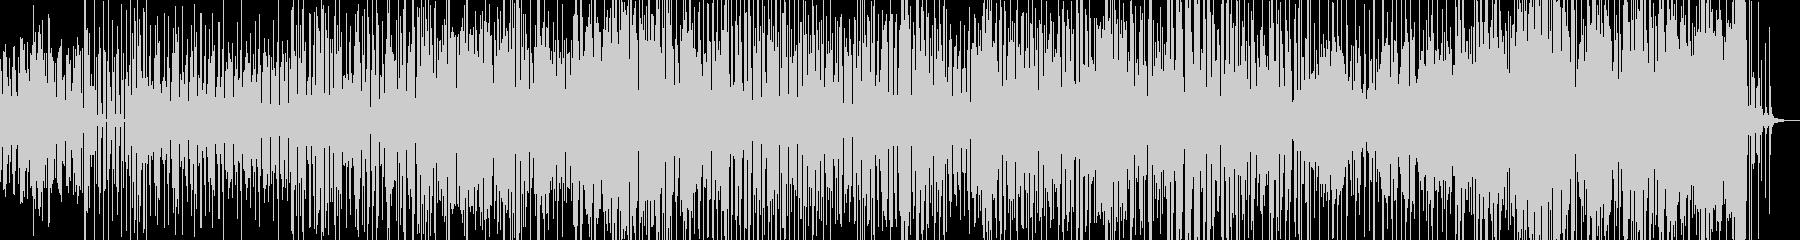 沖縄の三線と指笛等を入れたドラムンベースの未再生の波形